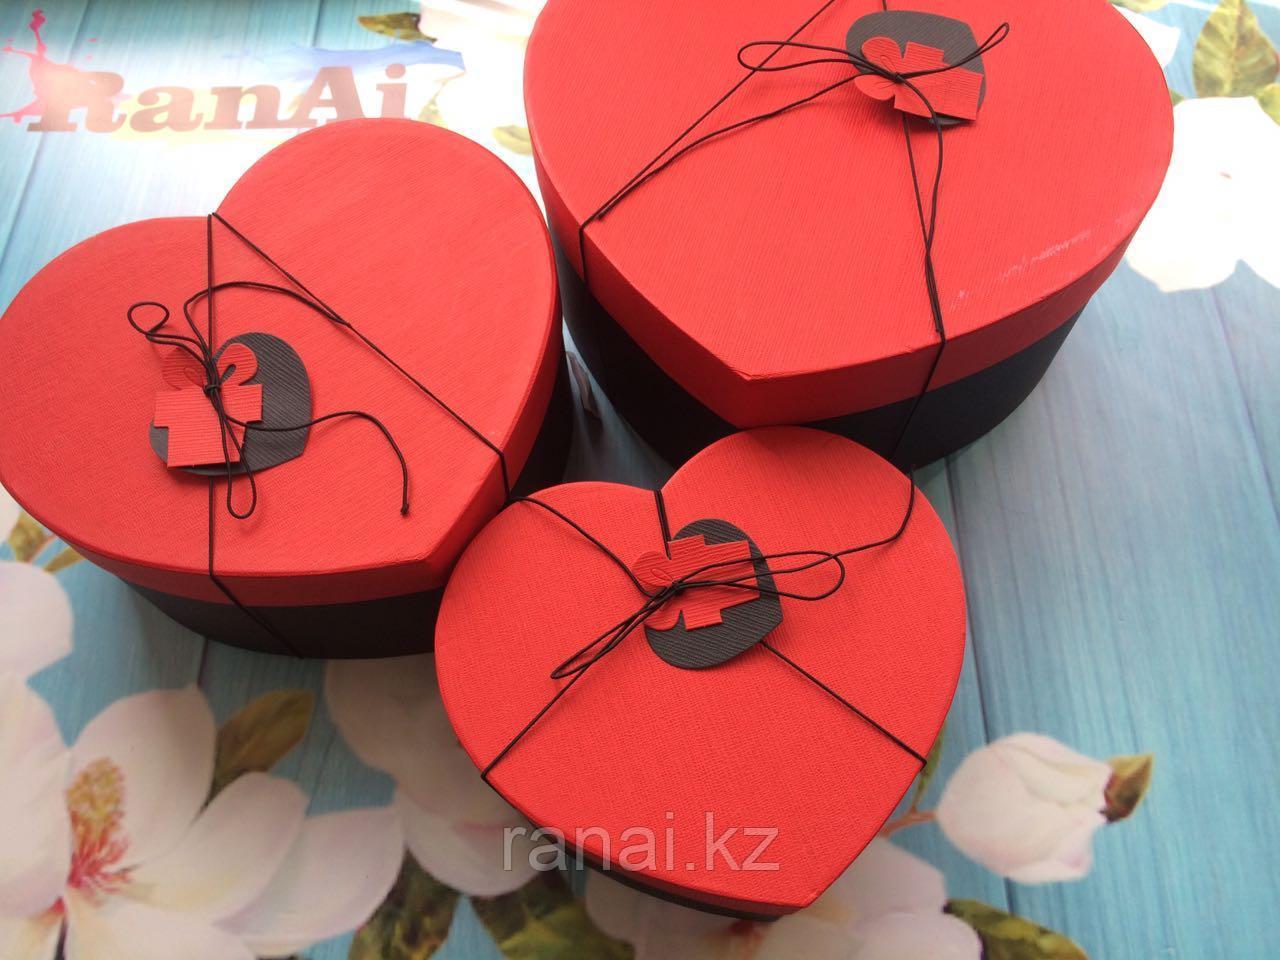 Коробки для подарков алматы - фото 1